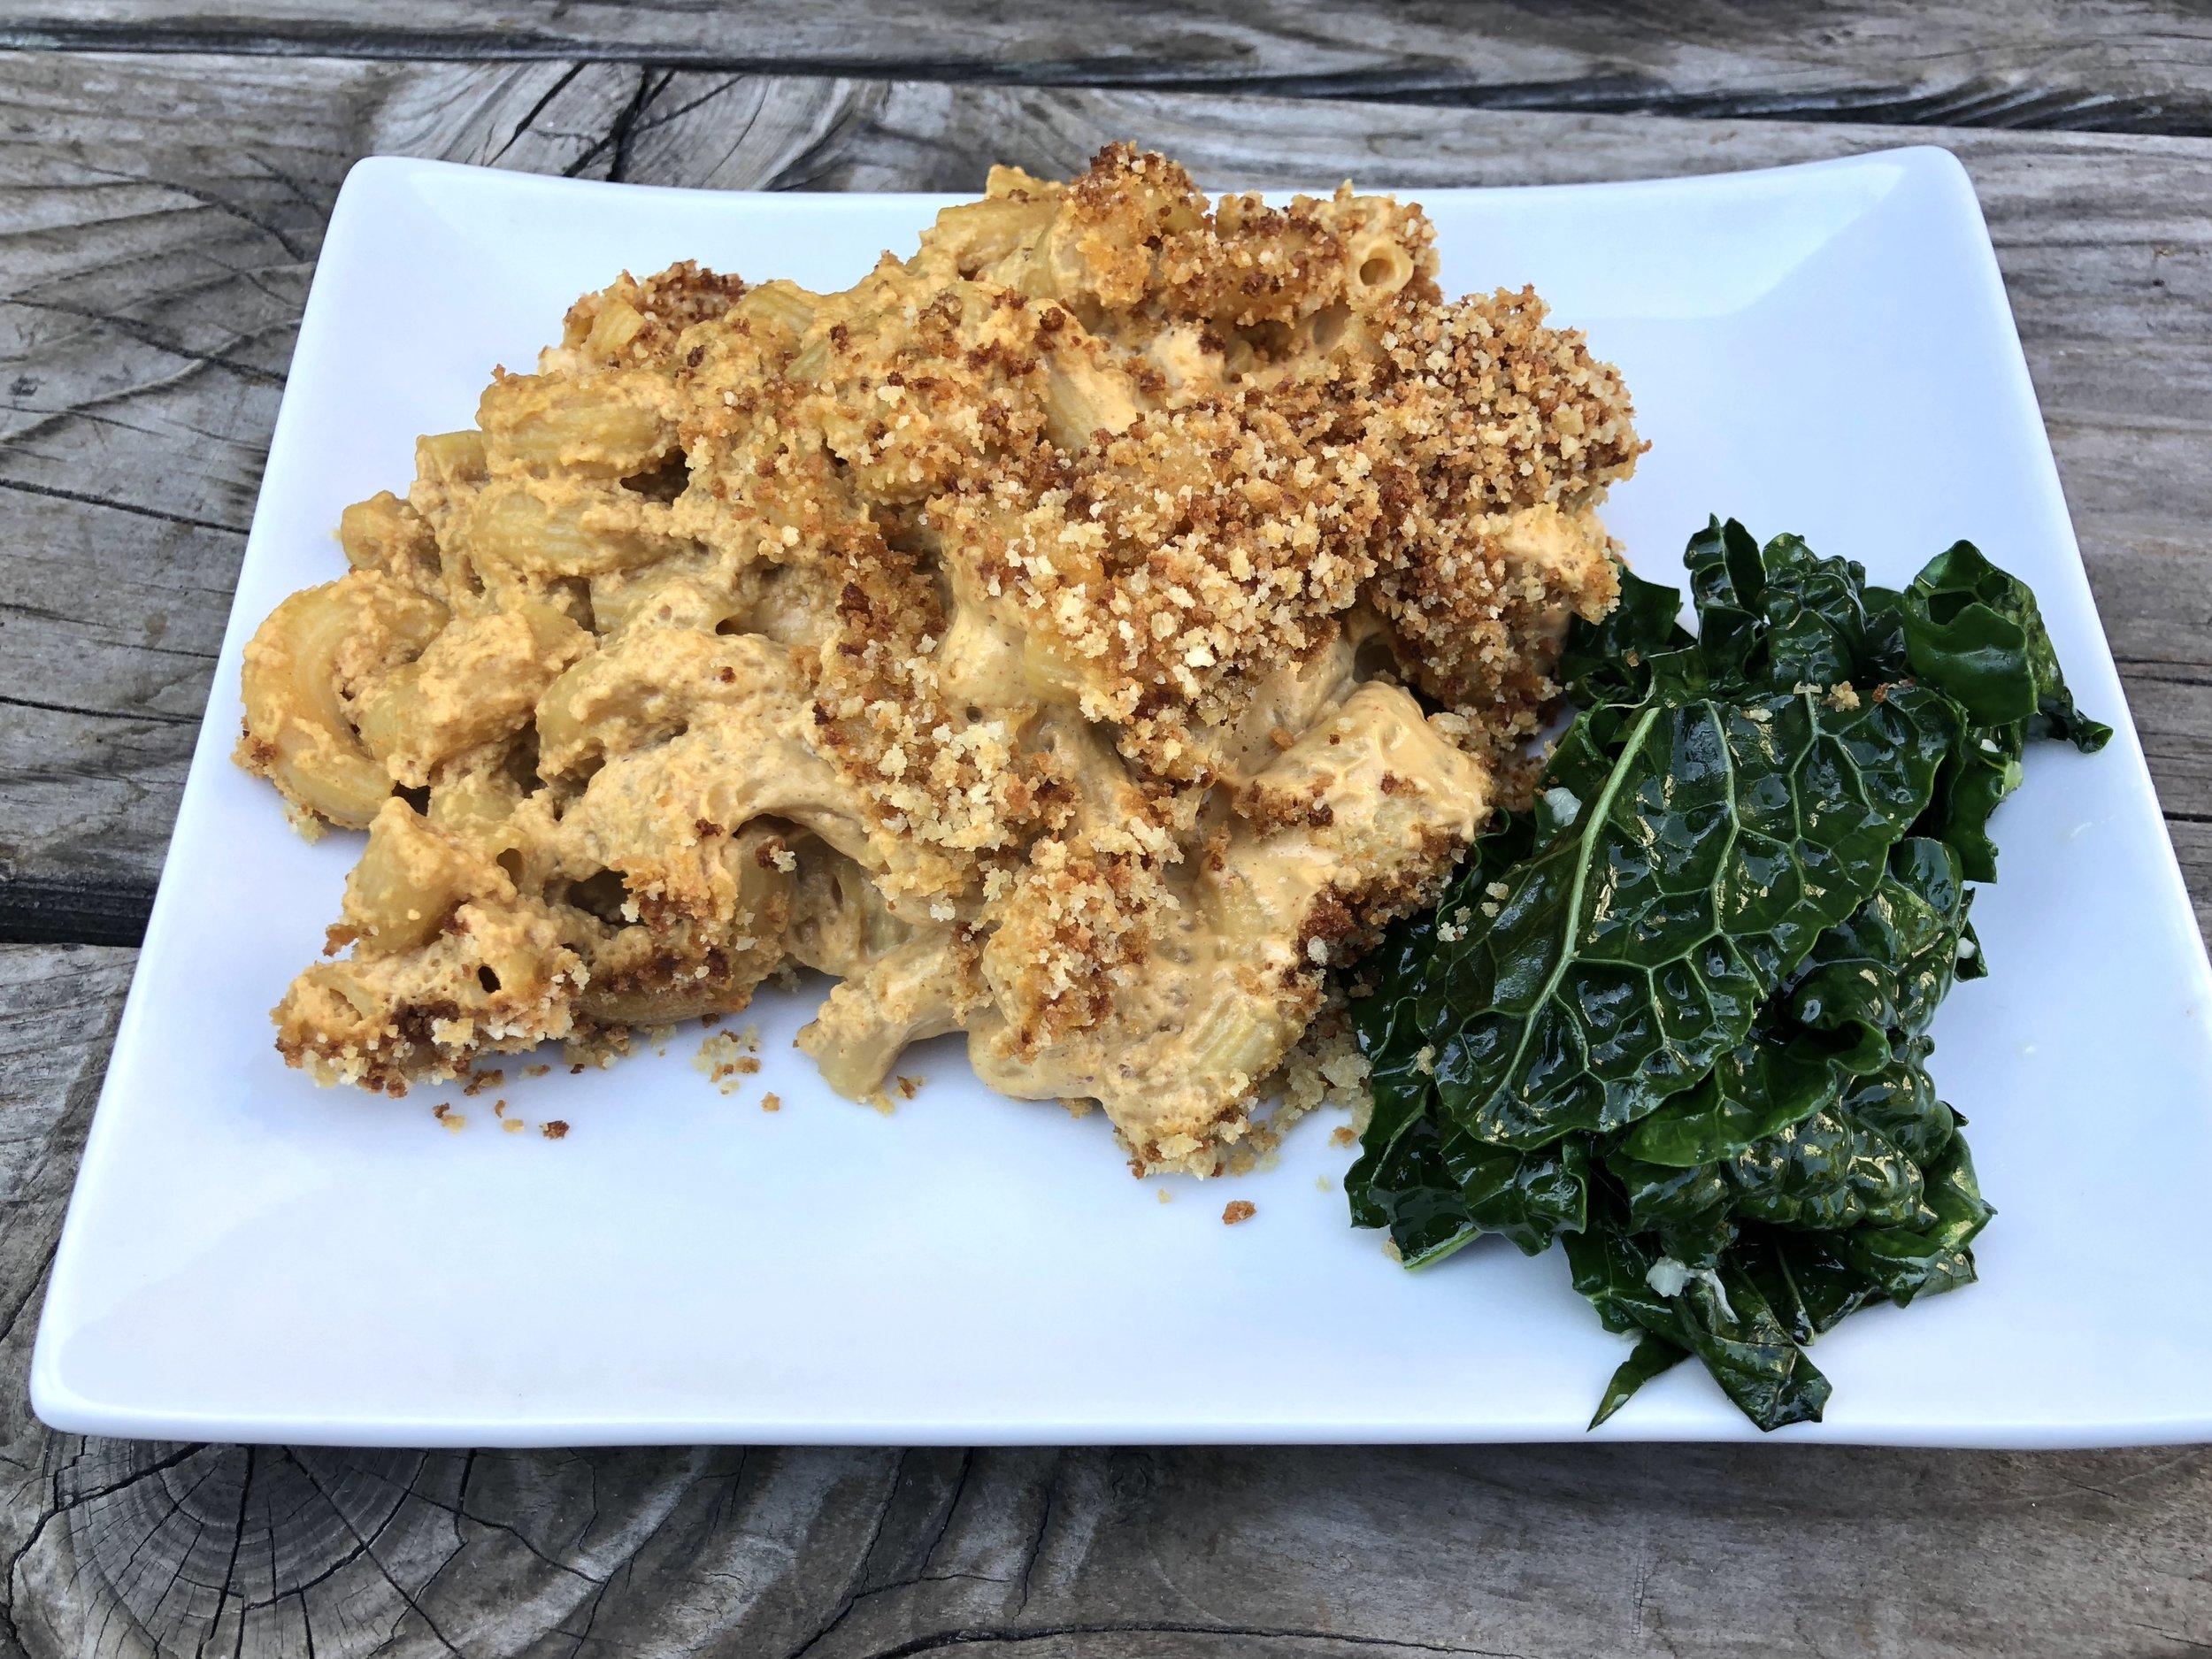 Served with sautéed kale...